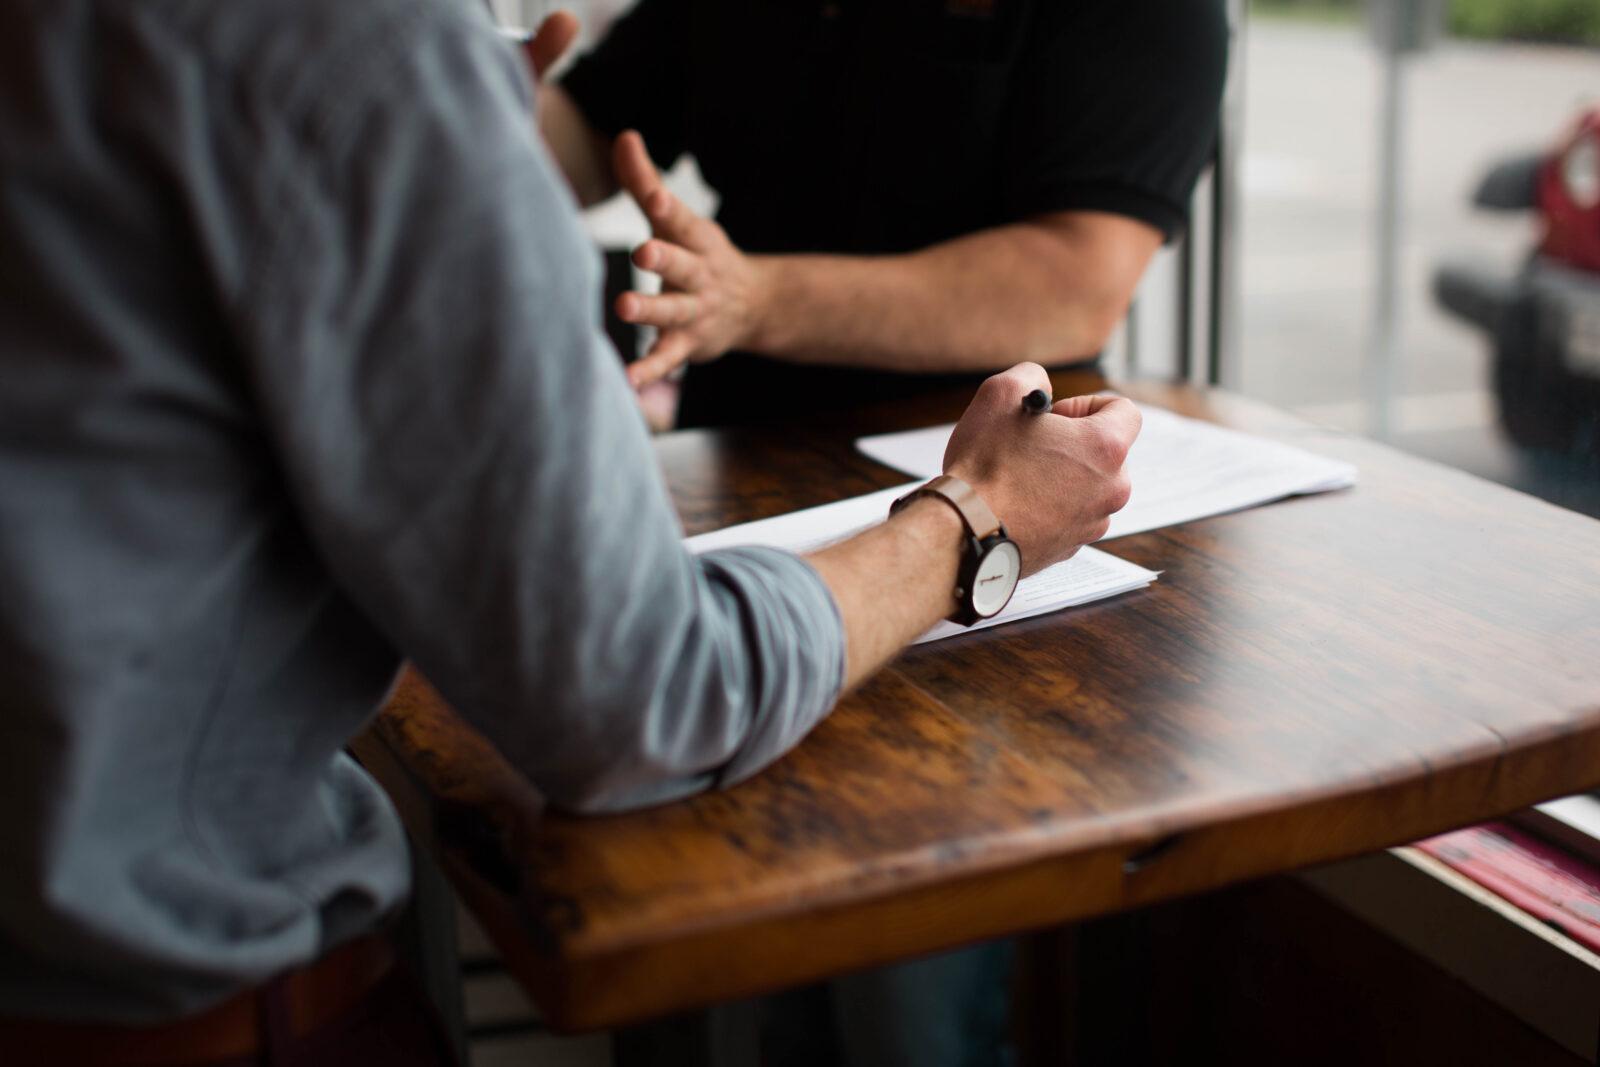 Præcisering fra Skattestyrelsen af hvornår finansielle kontrakter har tilknytning til erhvervsmæssig virksomhed.